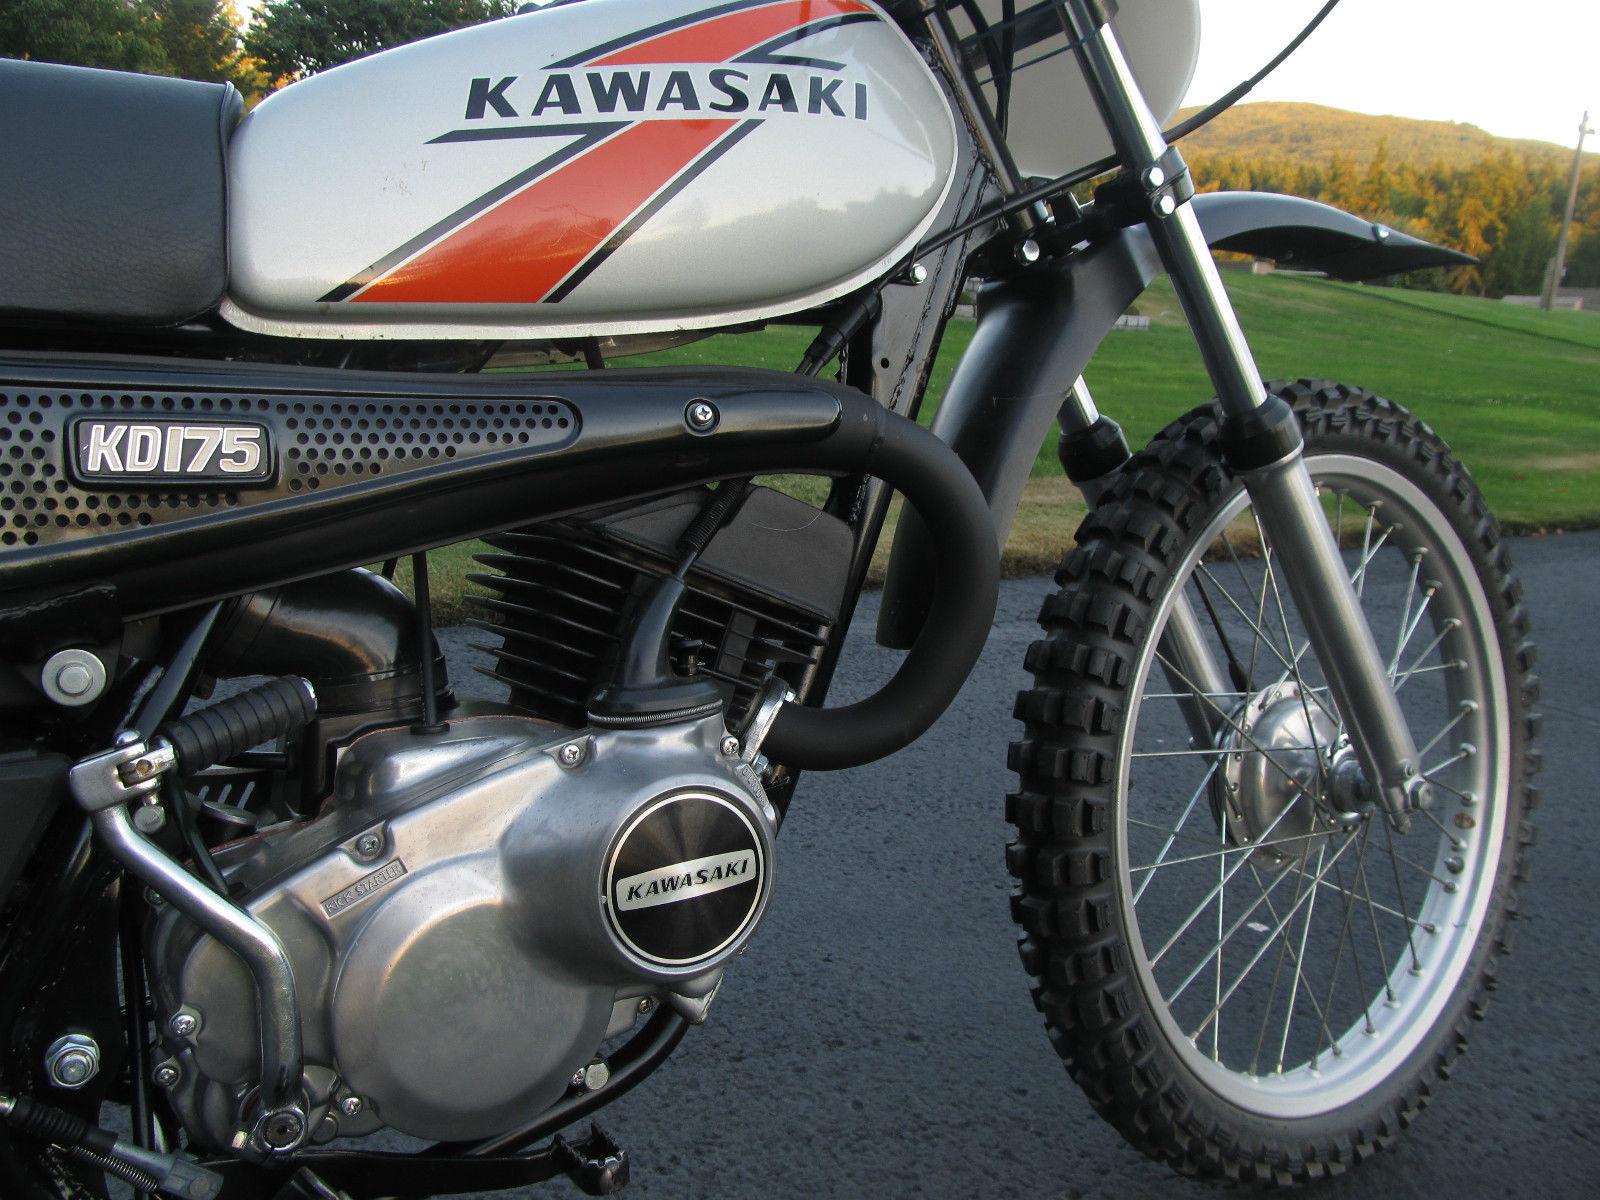 Kawasaki Kd Year